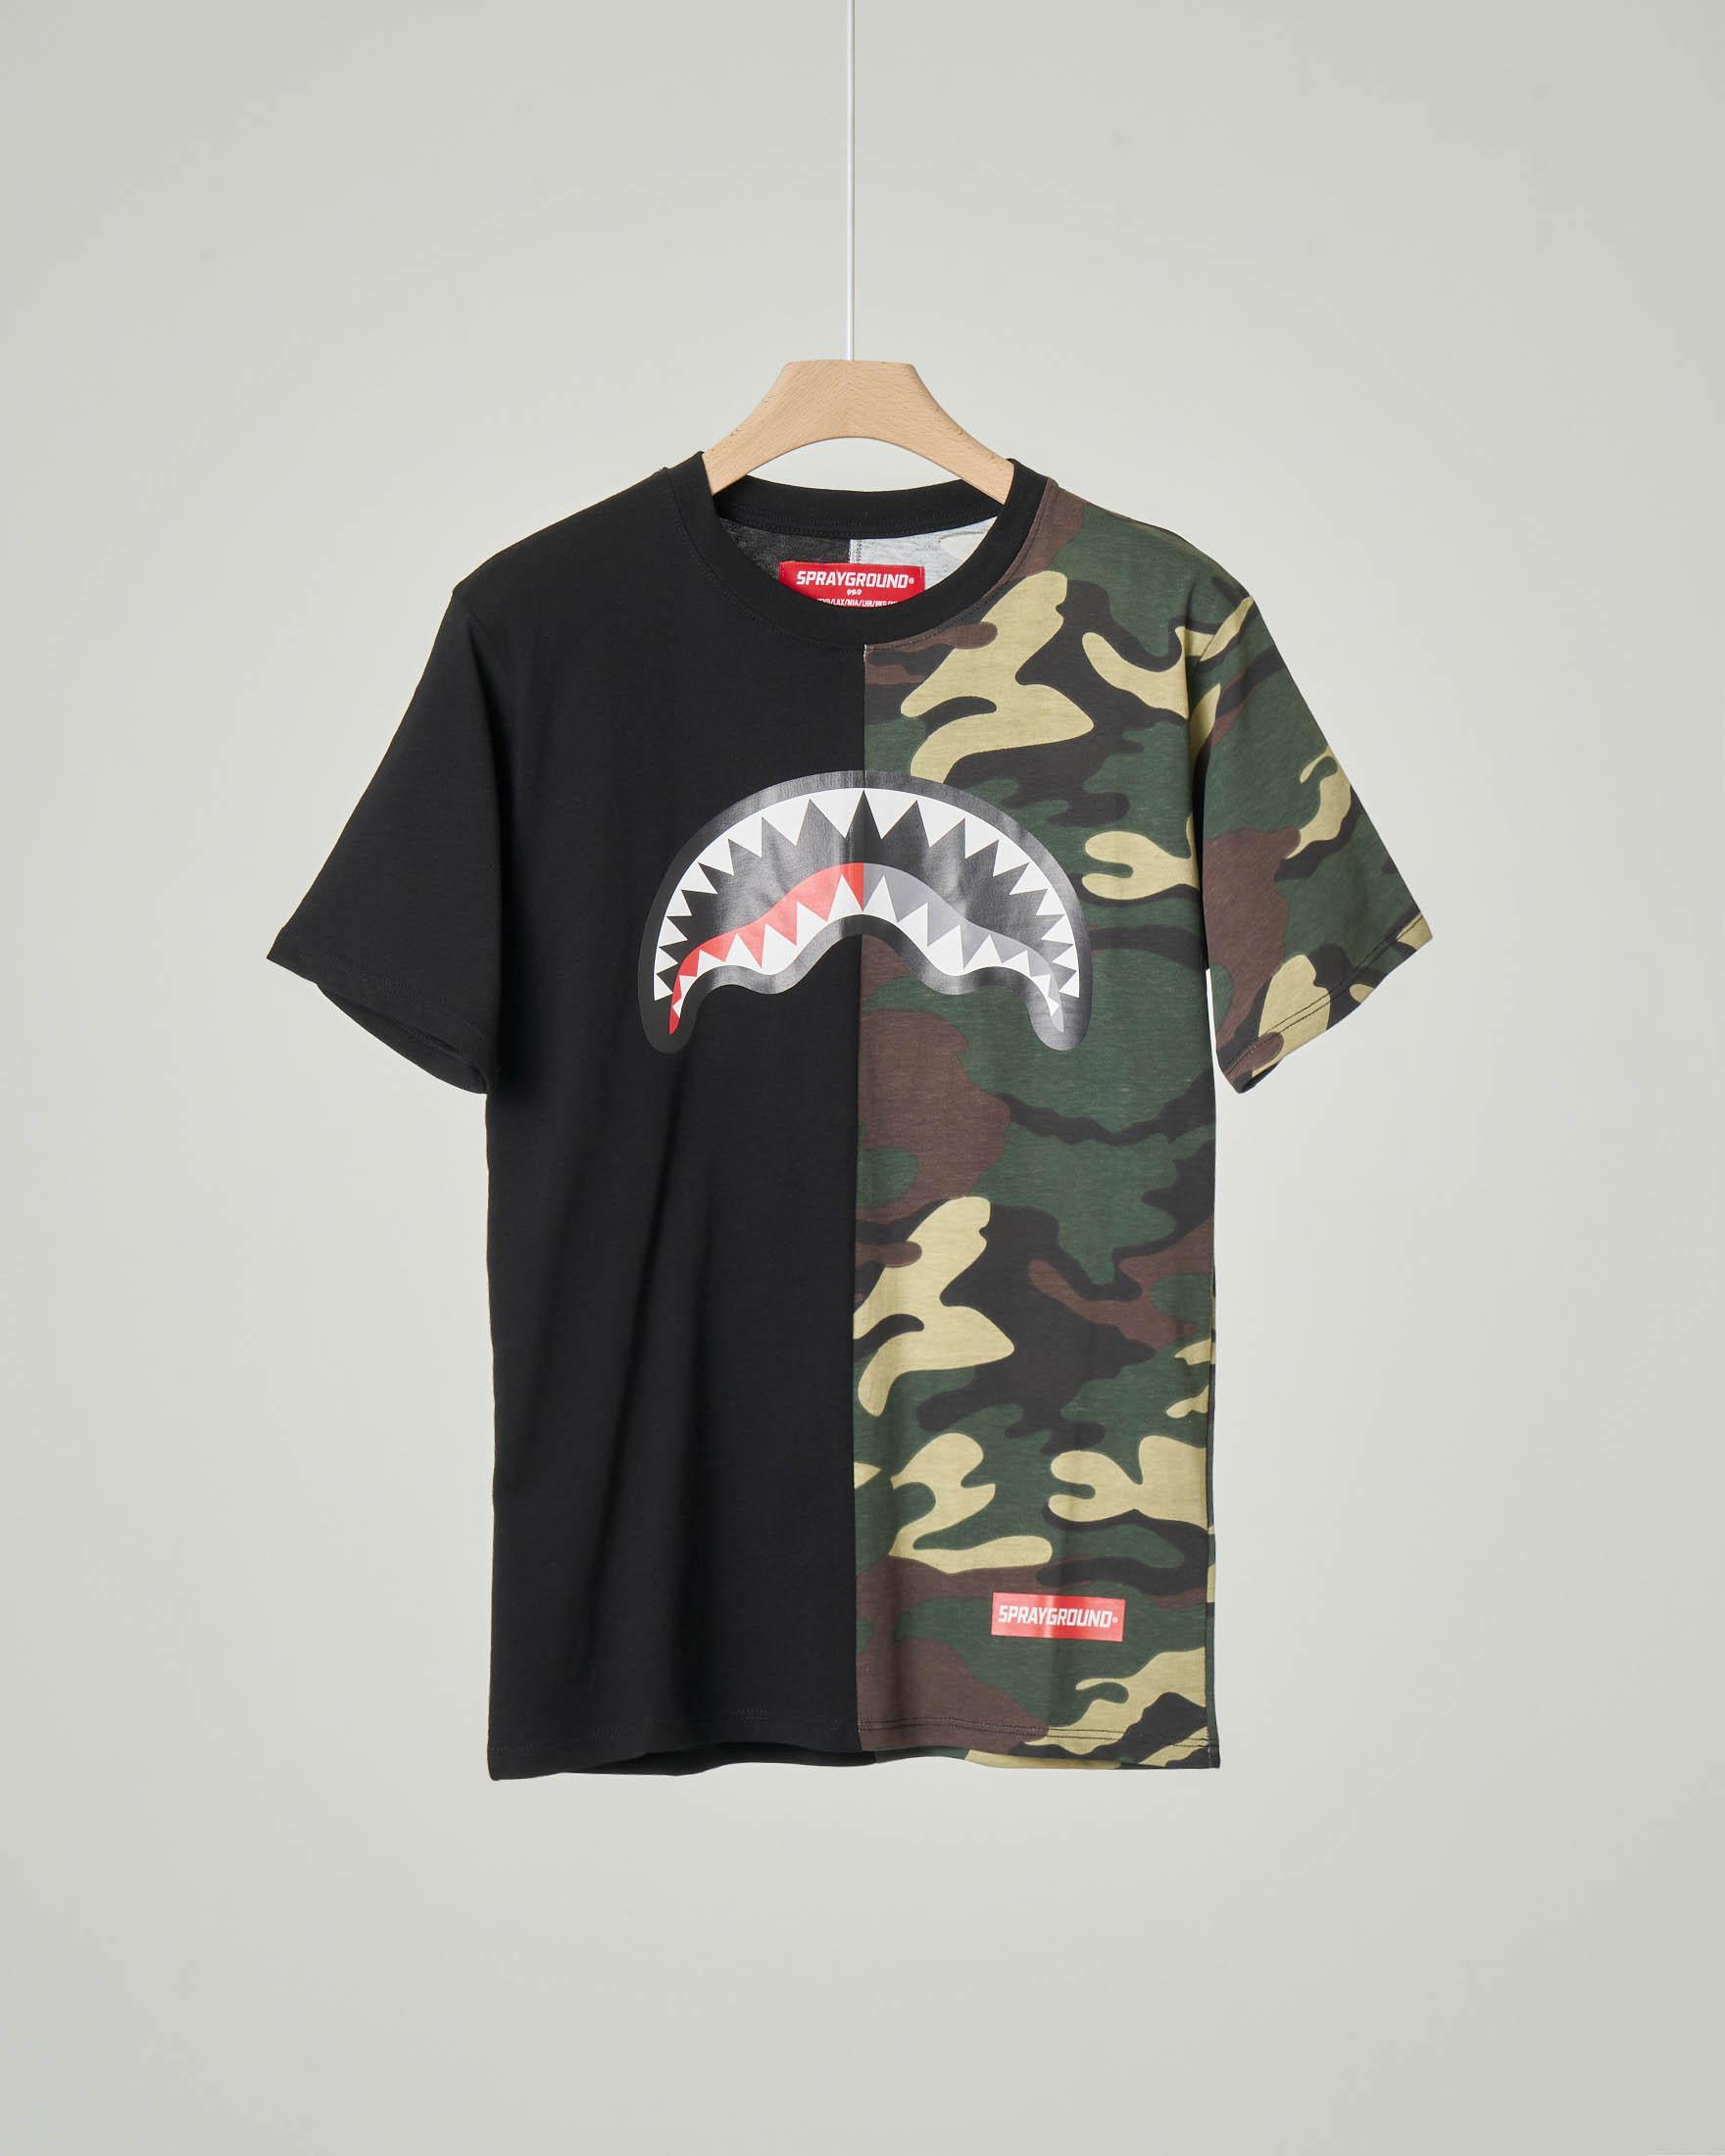 T-shirt camouflage e nera con grafica bocca monster e logo 10-14 anni